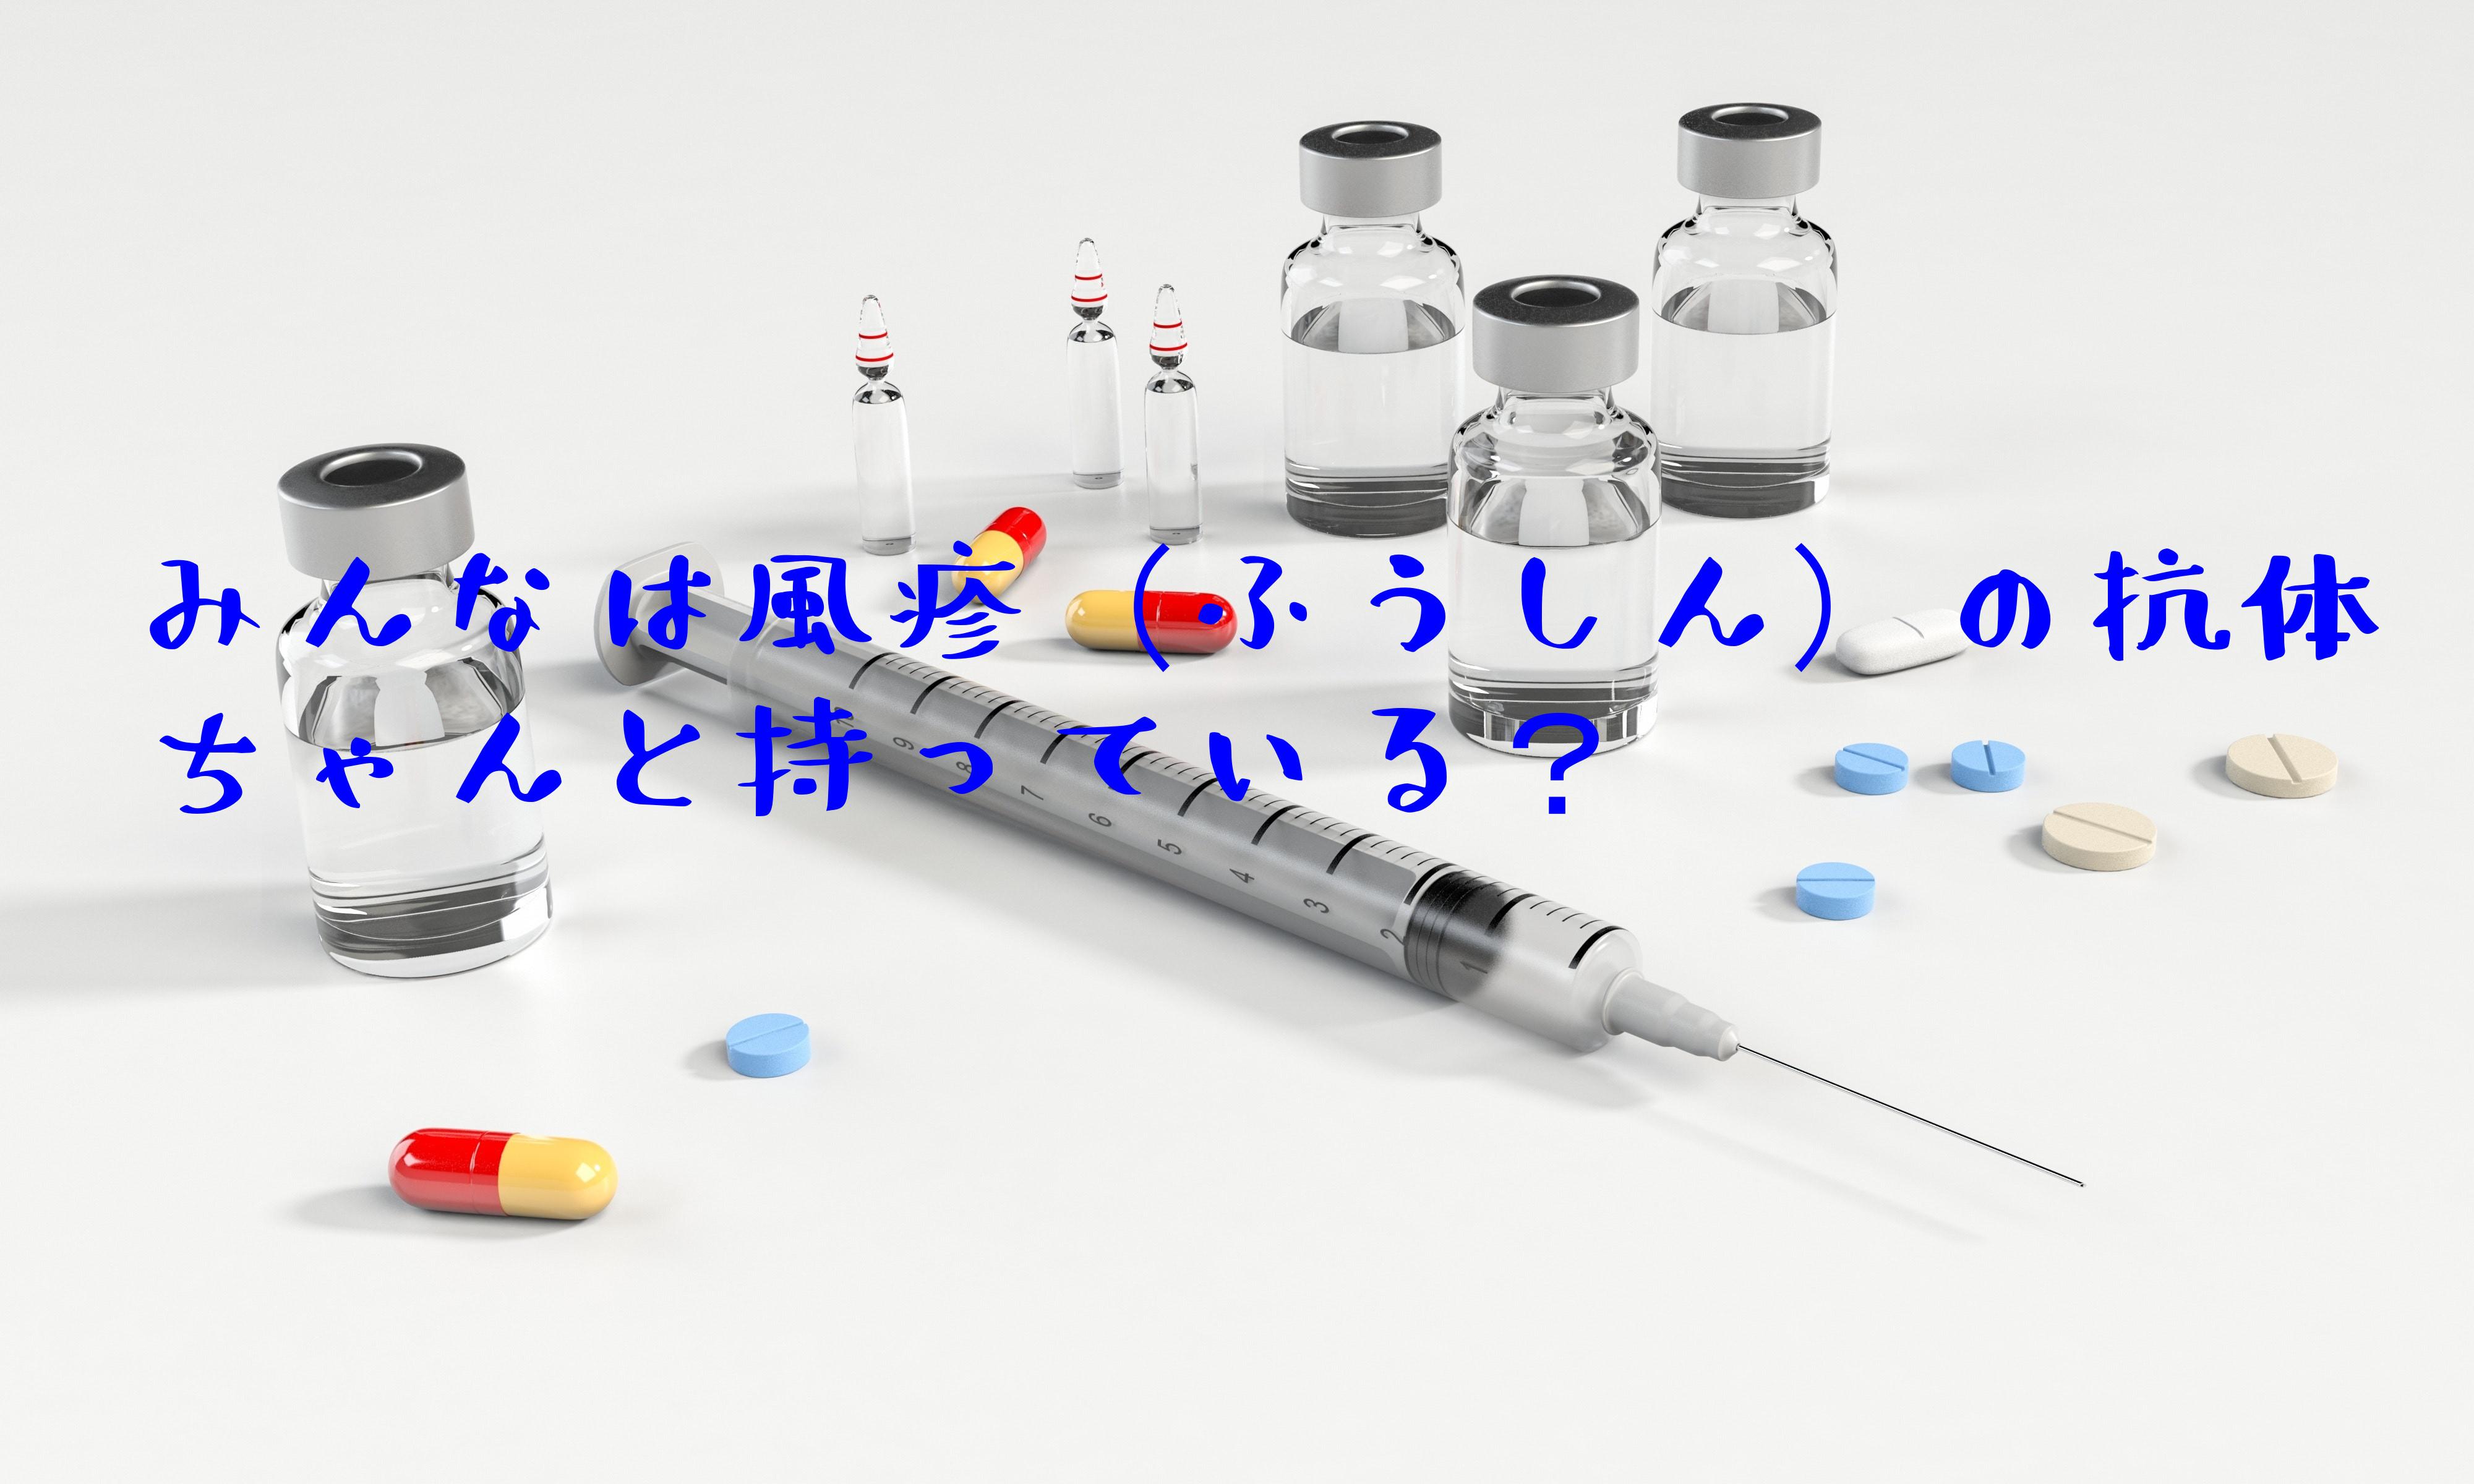 addiction-aid-bottle-356054_20180616180604d30.jpg